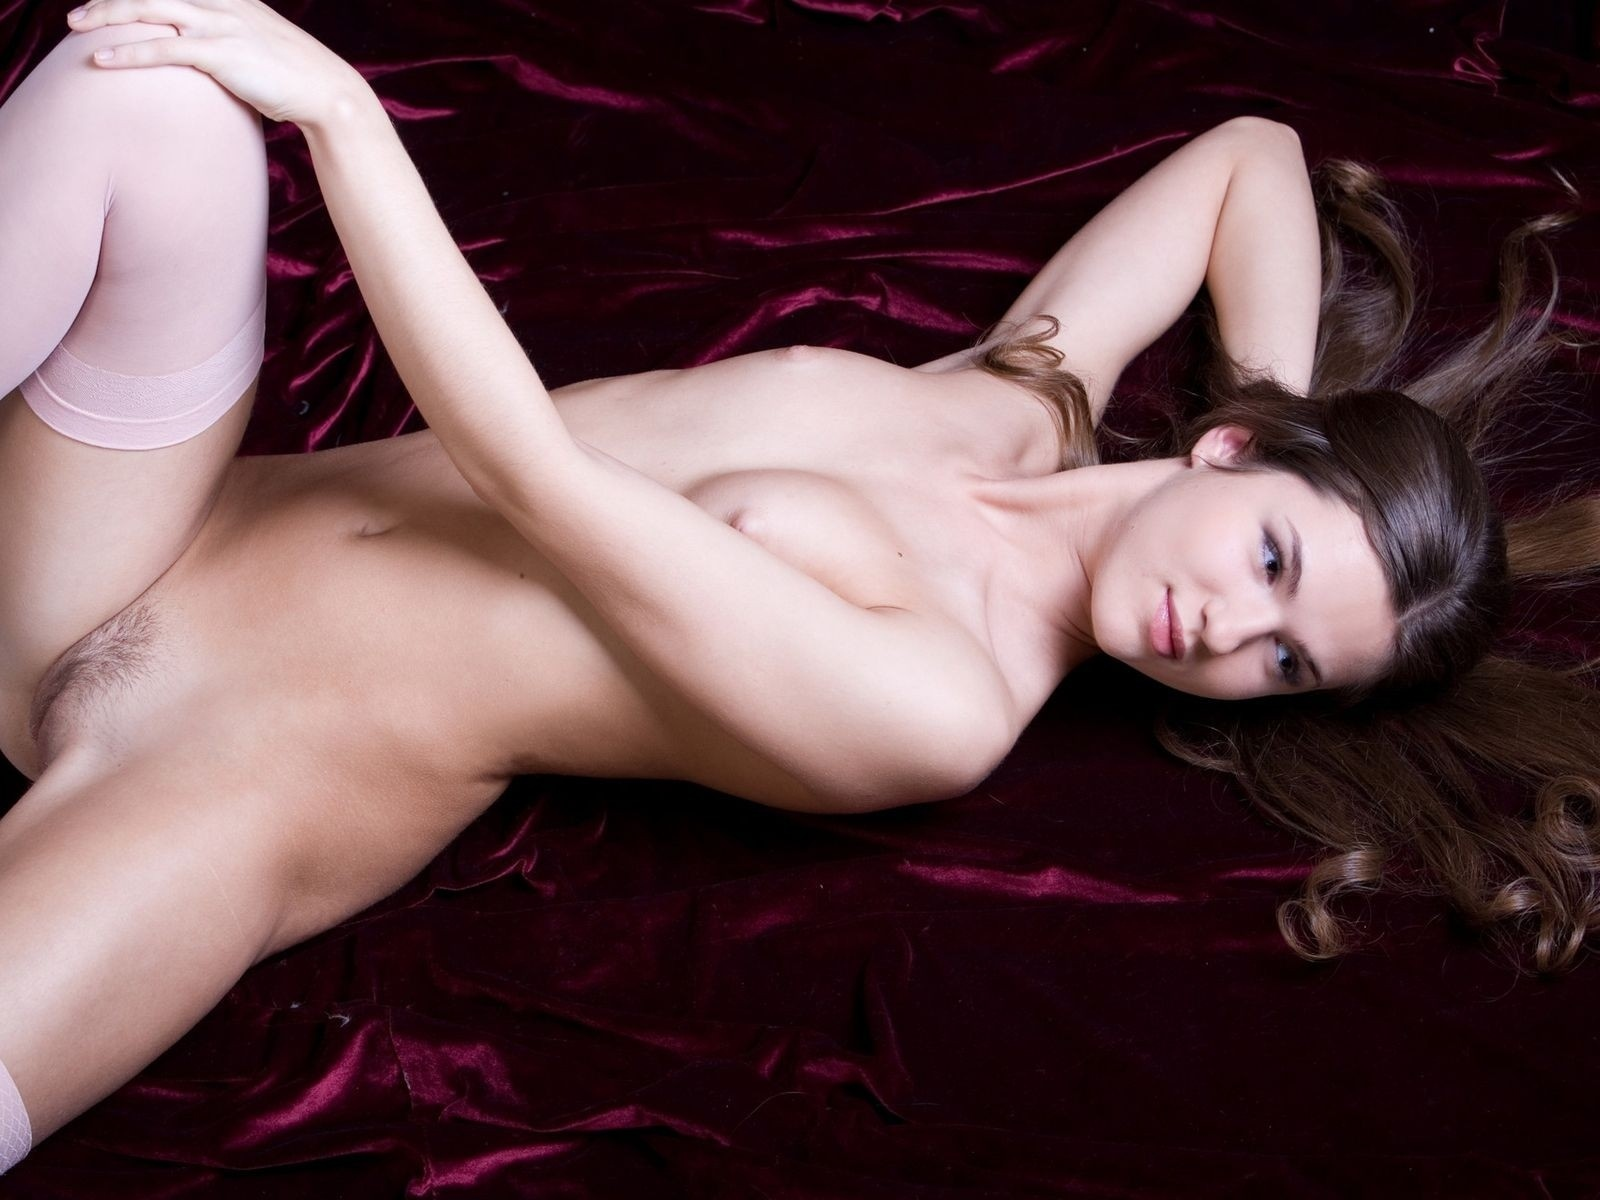 девушка, красавица, прелесть, киця бритая, ножки, голая, попка, красивая милашка, пилотка, поза, секси, попка супер, модель, еротика, само совершенство, шатенка, роздвинула ноги, кошка